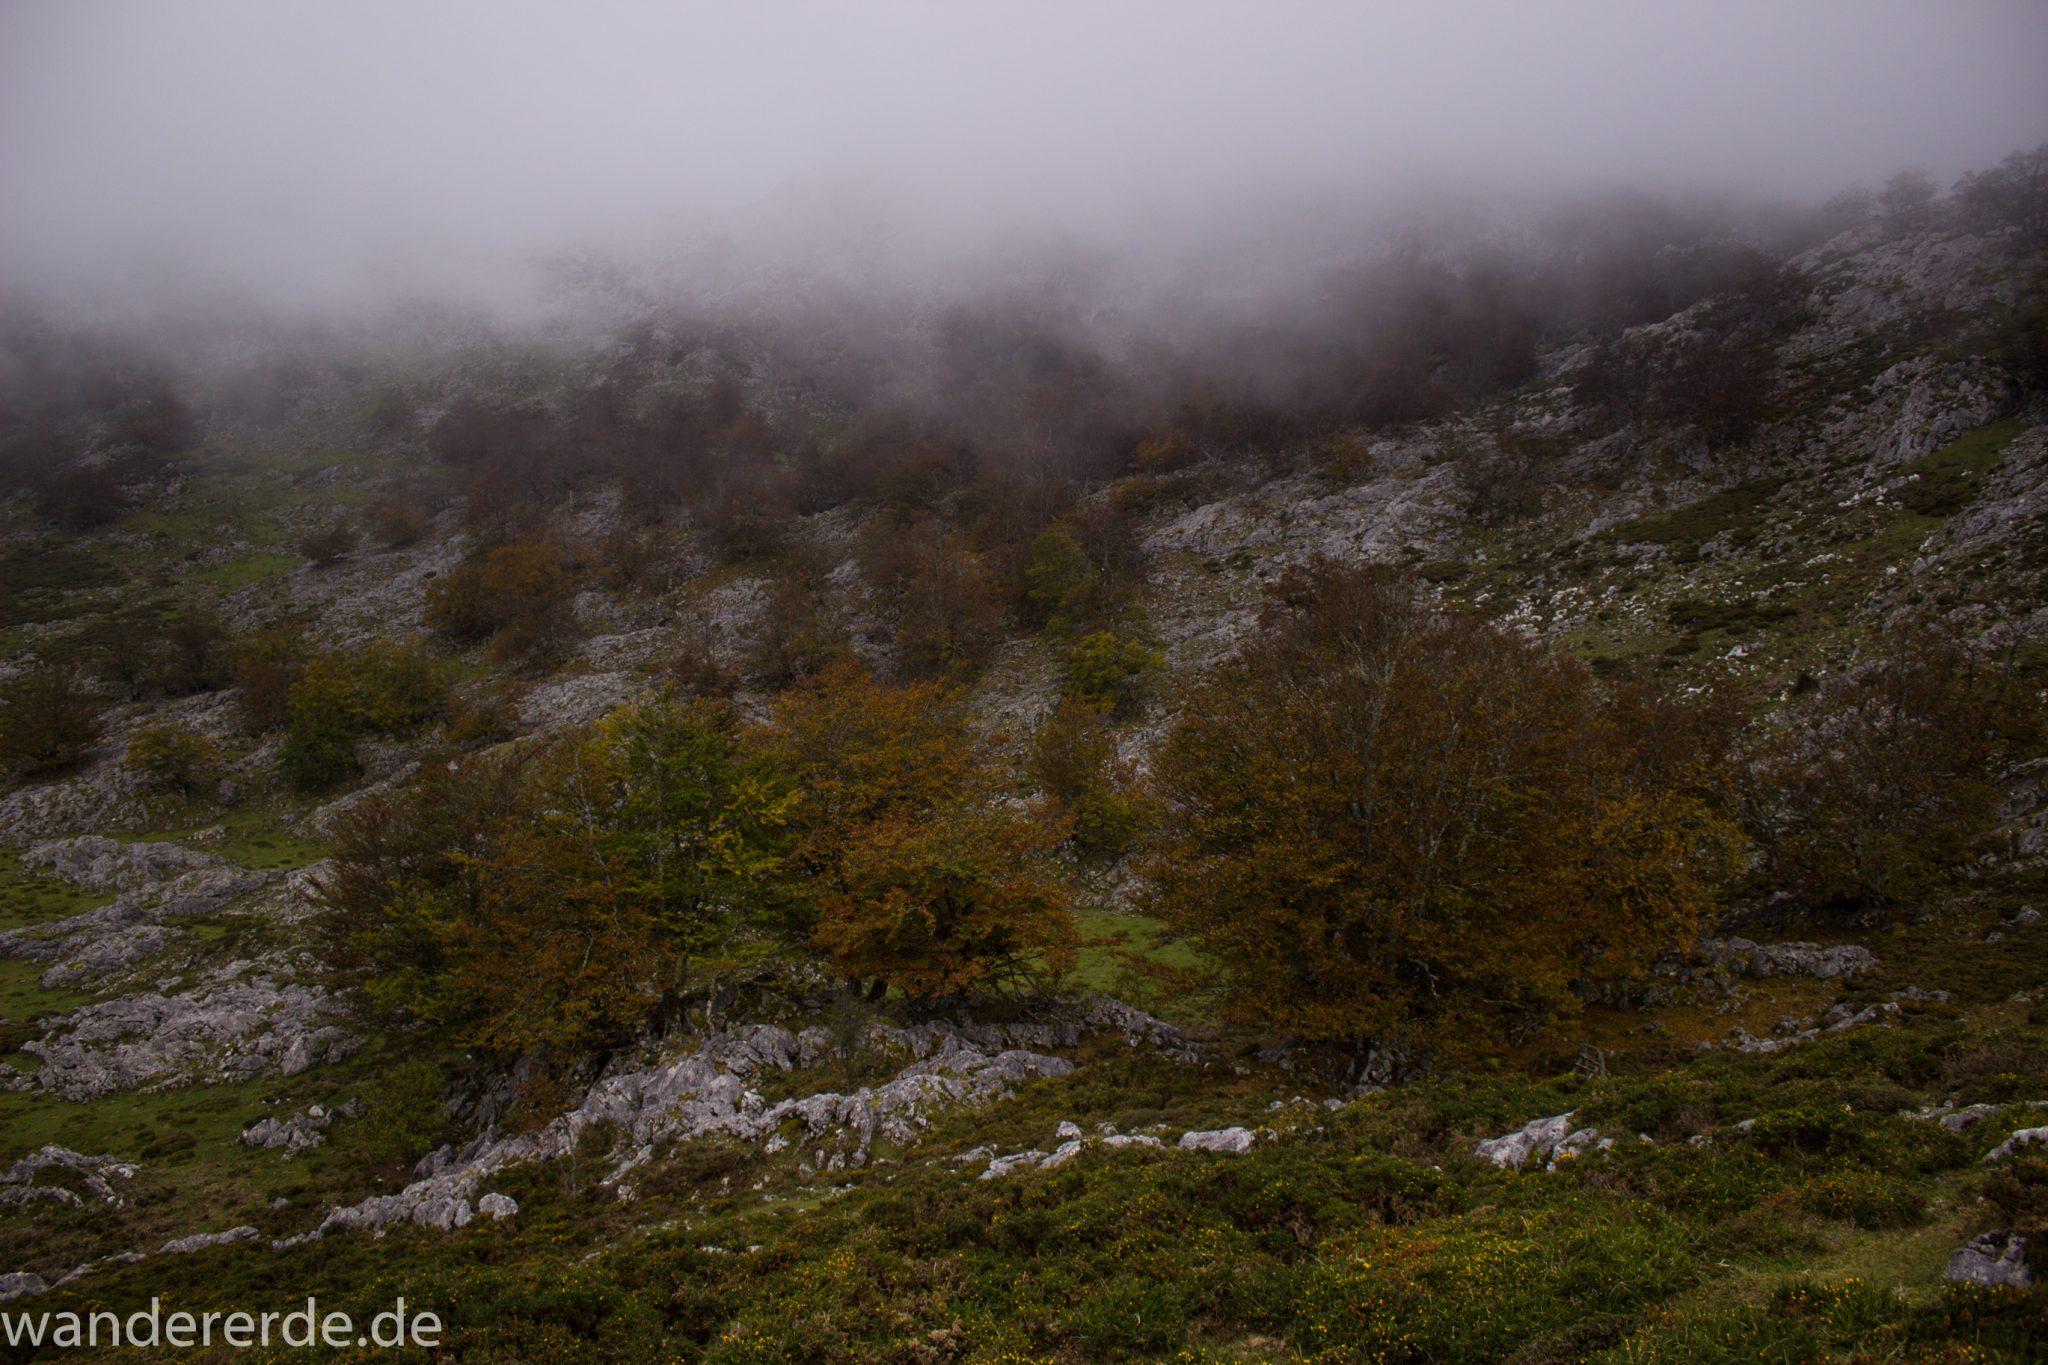 Wanderung Vega de Ario Picos de Europa Spanien, Bäume in Bergregion, Steine, dichte Wolkenfelder, zerklüftete Felsen, keine weite Aussicht, grüne Wiese, tolle Atmosphäre